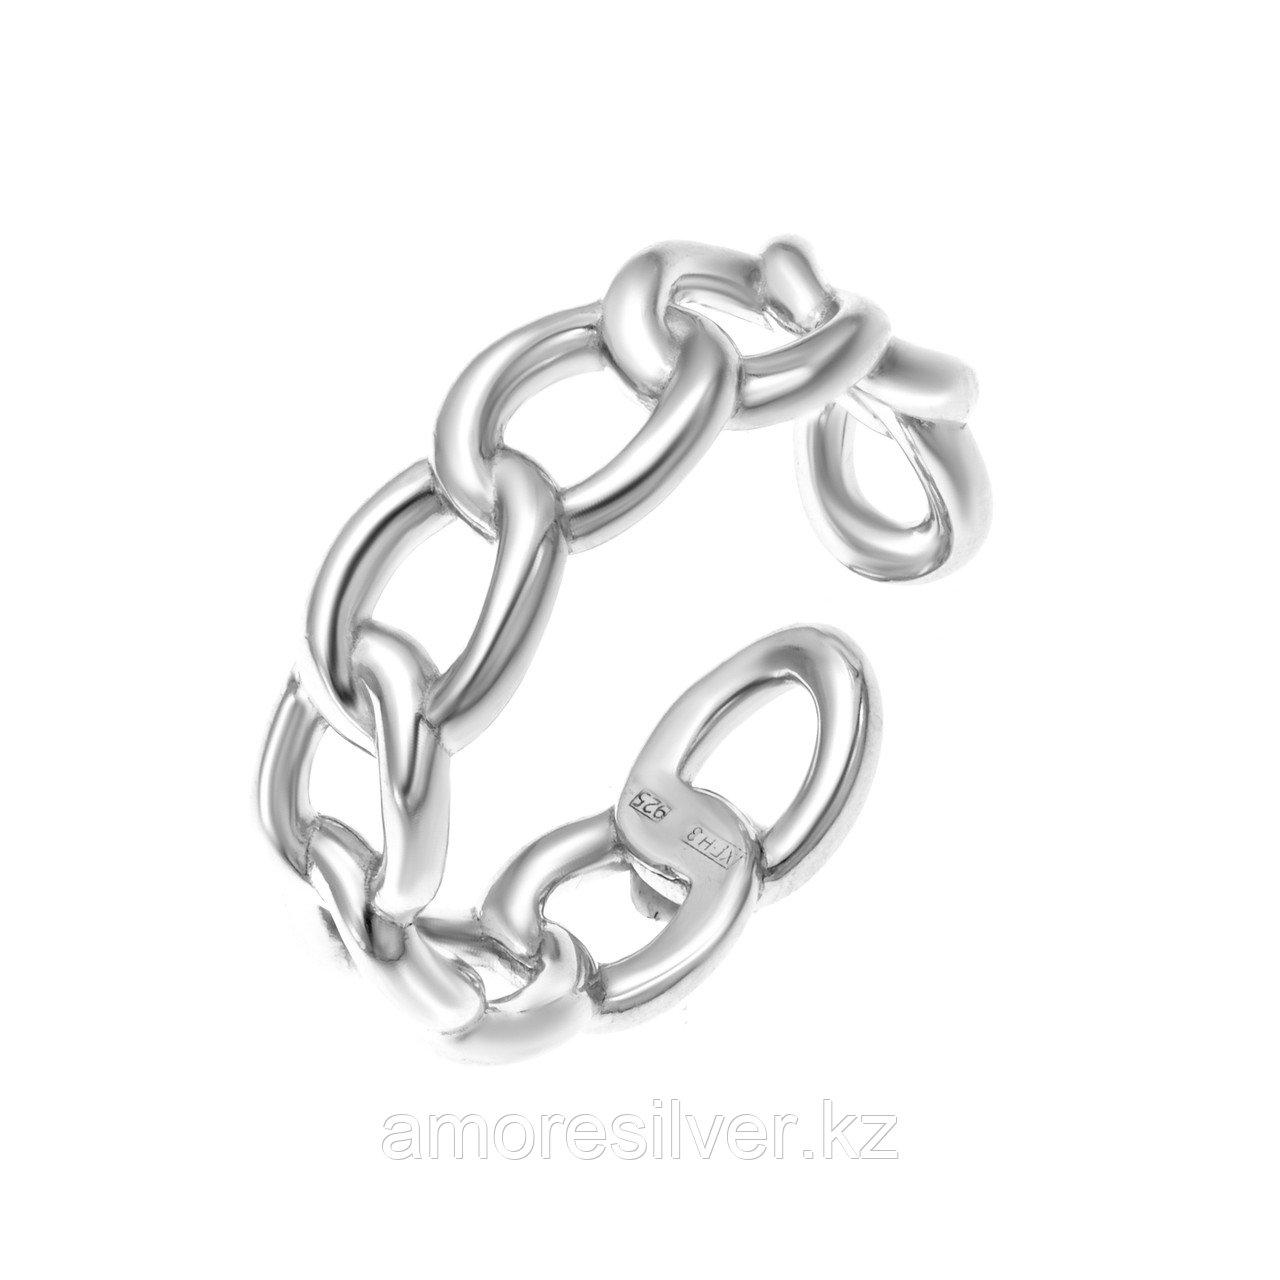 Кольцо TEOSA серебро с родием, без вставок 1101296-00245